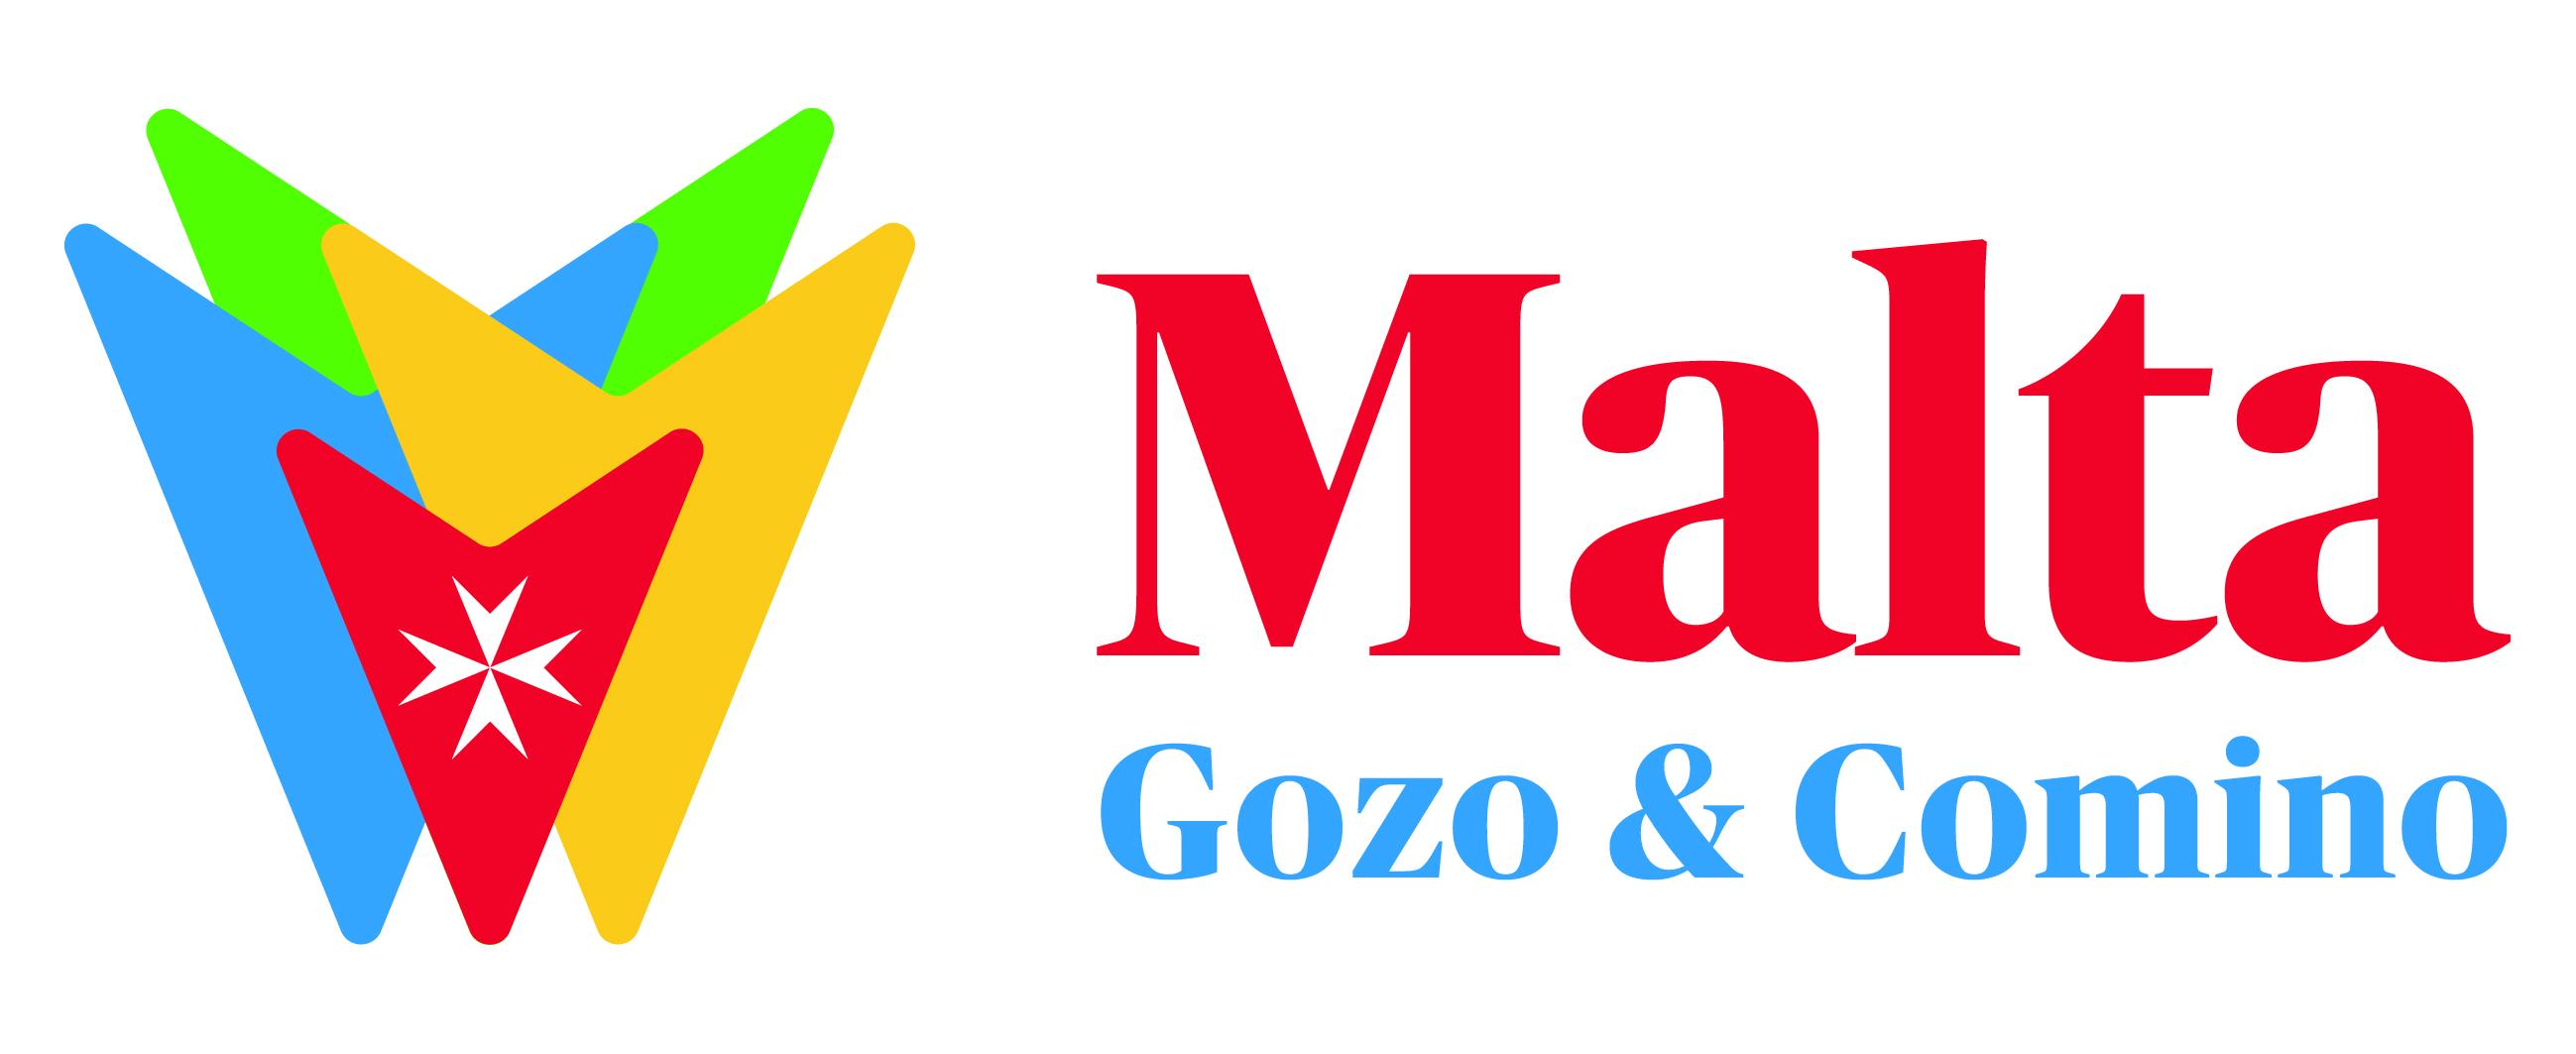 Malta_Gozo & Comino